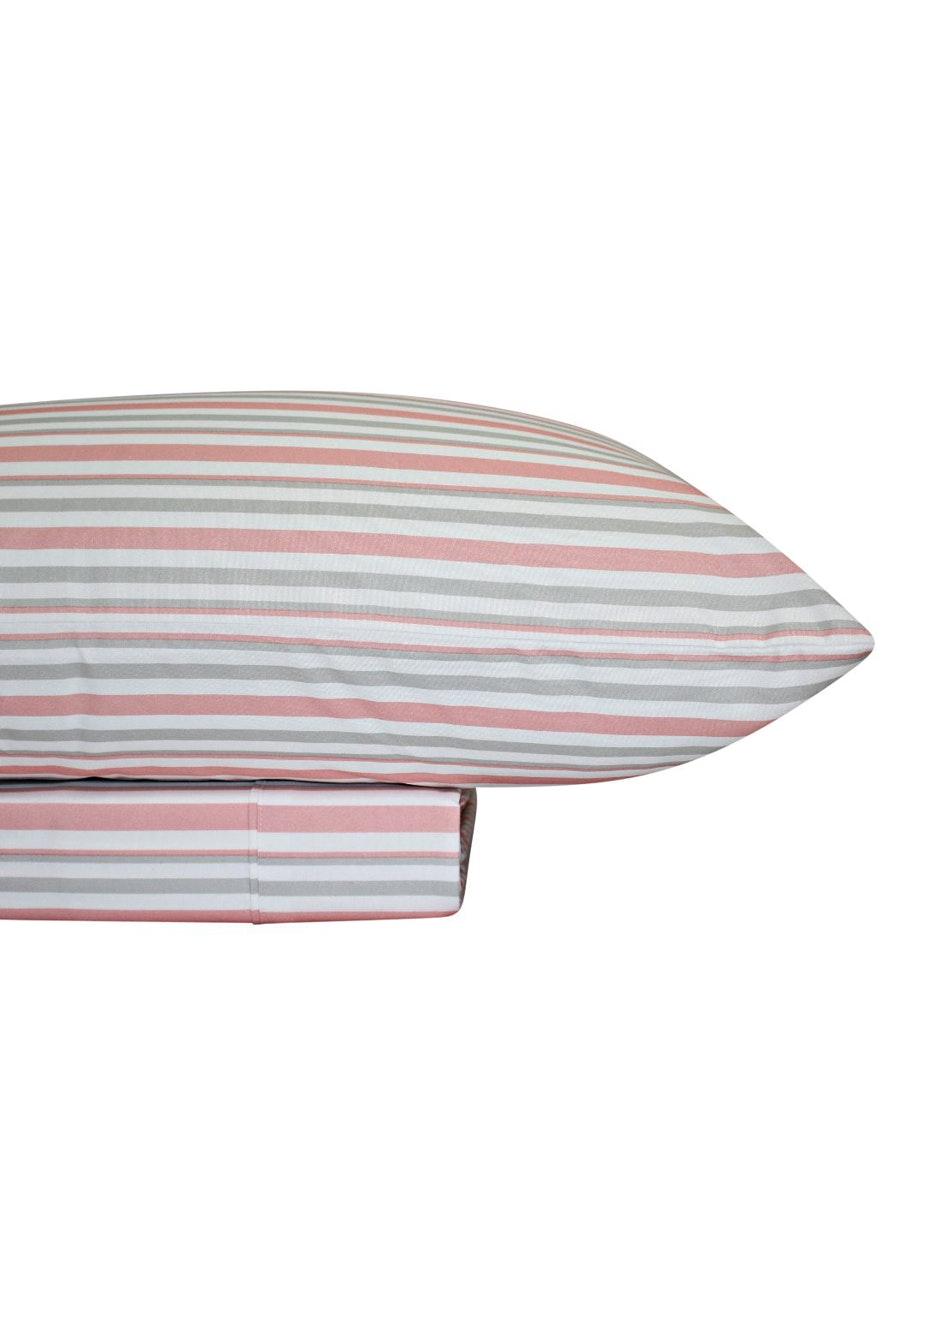 Thermal Flannel Sheet Sets - Stripe Design - Blossom/Glacier - King Bed